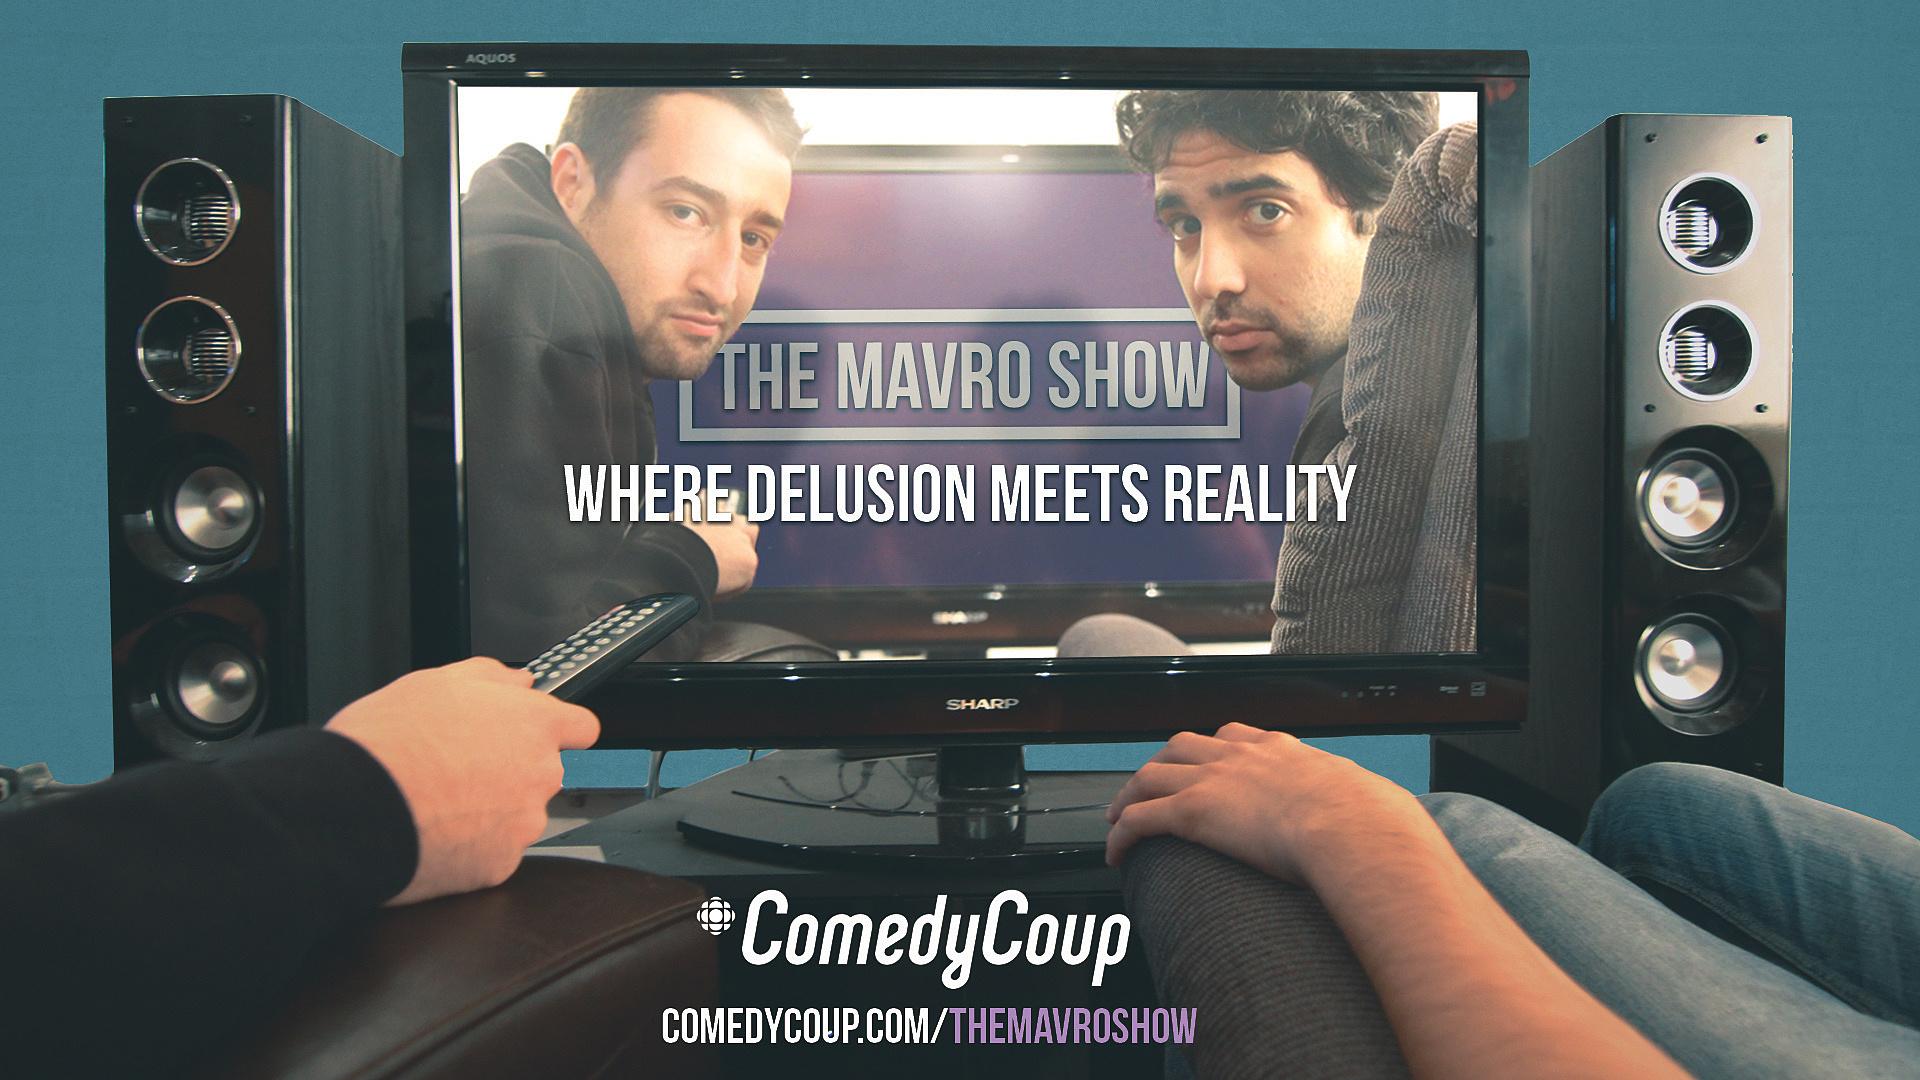 Week 4 Key It: Poster B The Mavro Show